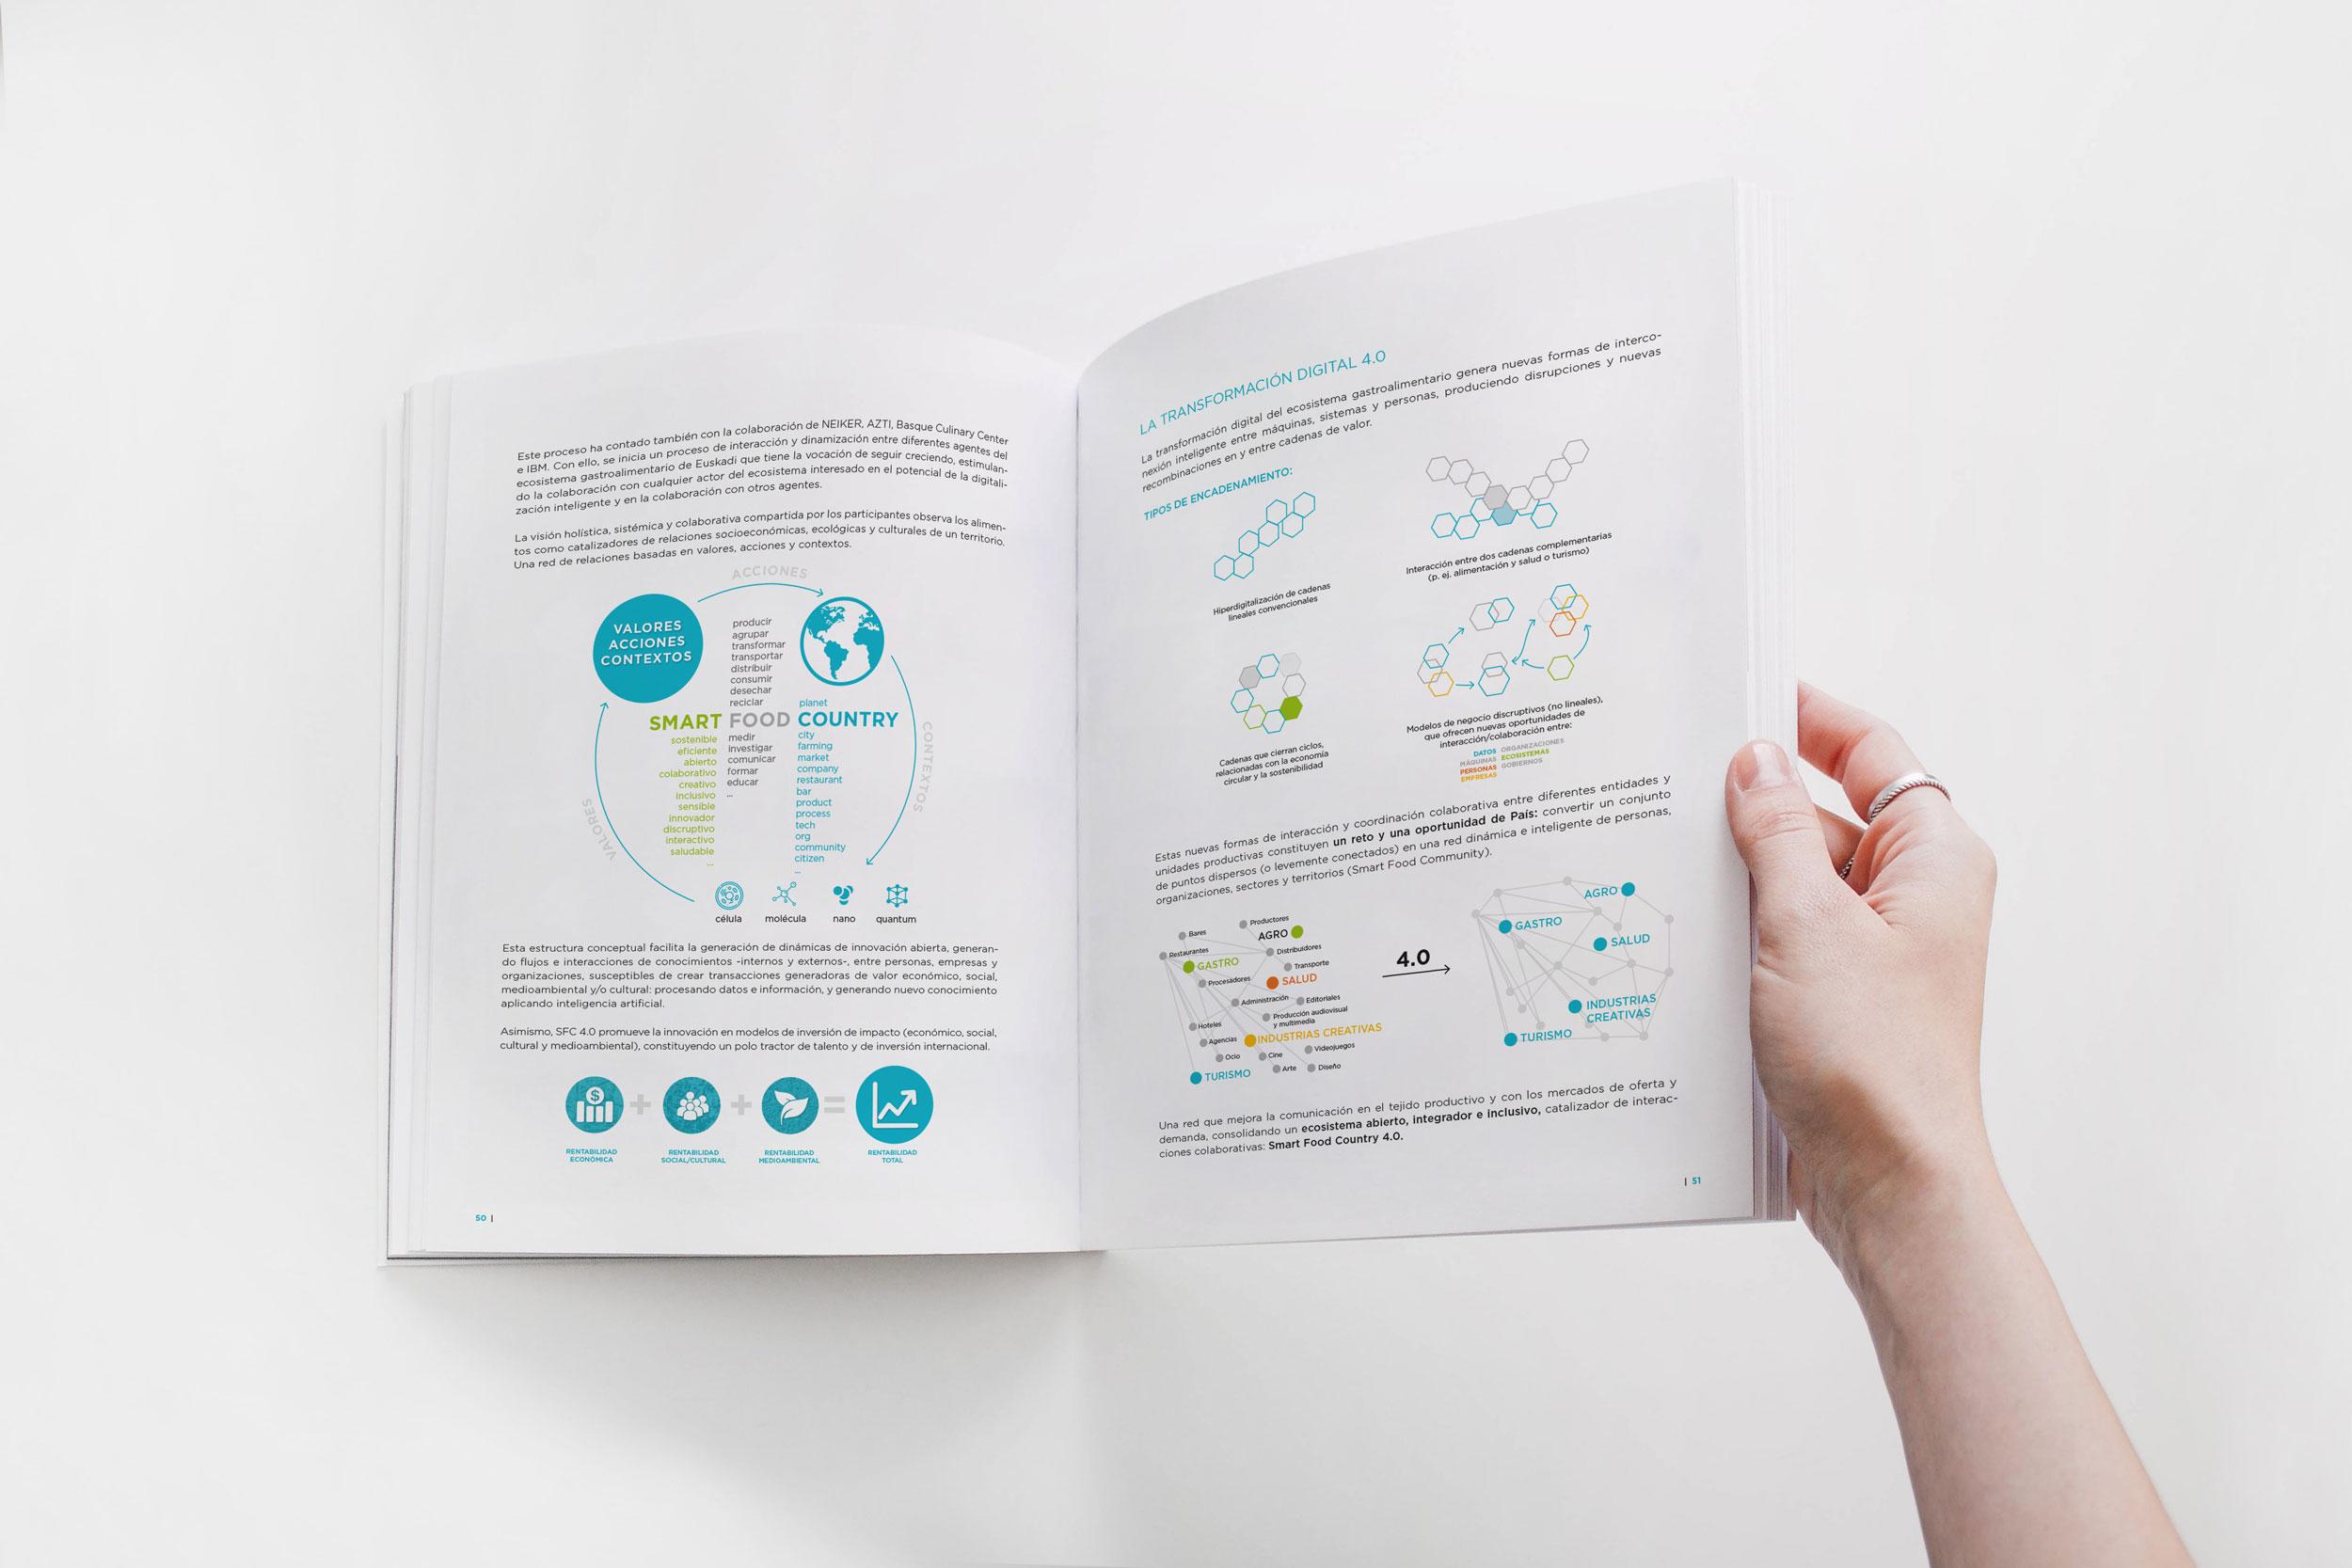 Estudio Taller Gráfico - Plan Estratégico